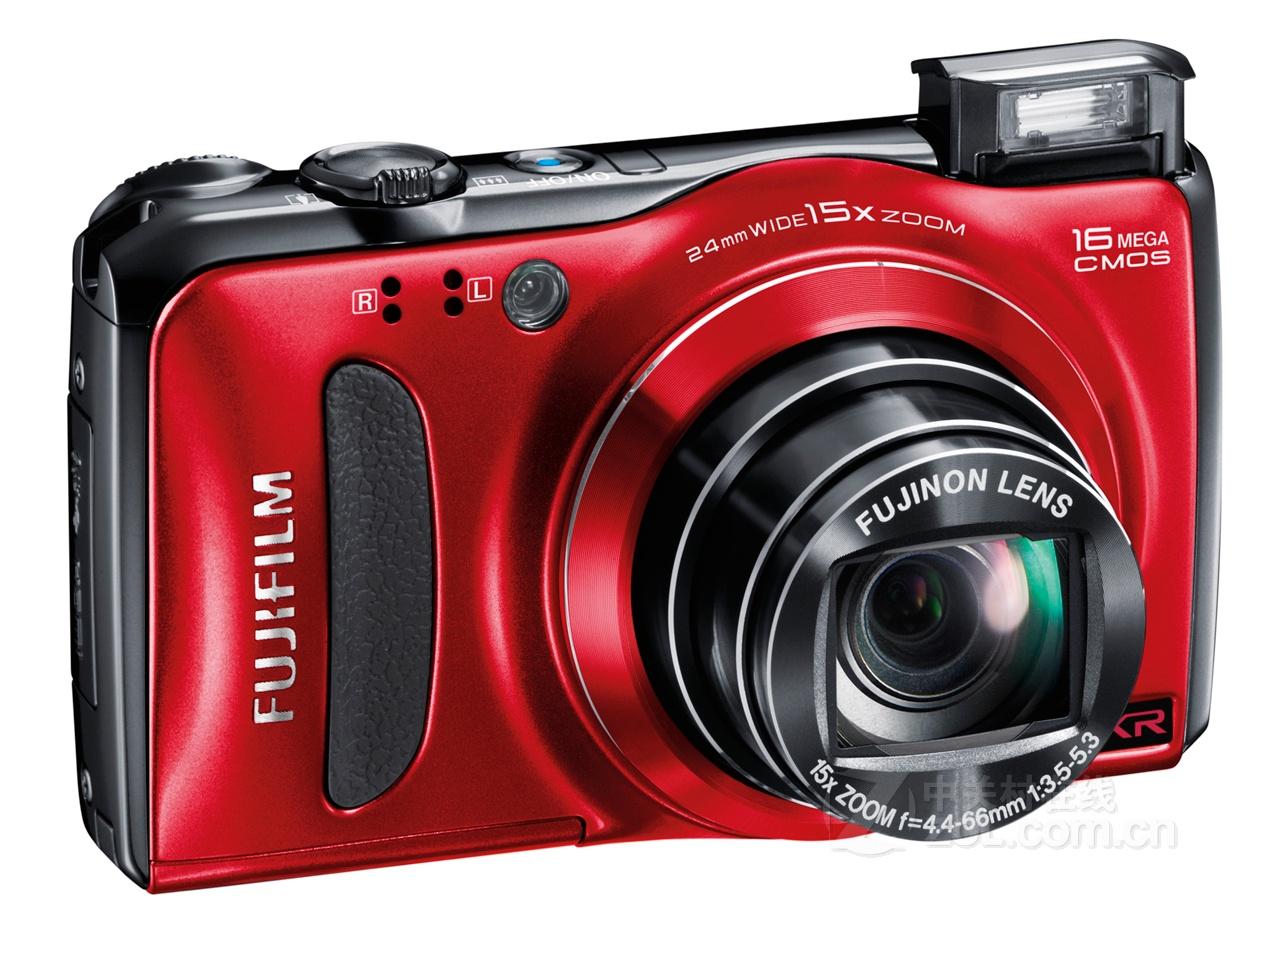 finepix f605exr长焦照相机正品非二手数码相机; 【富士finepix f605